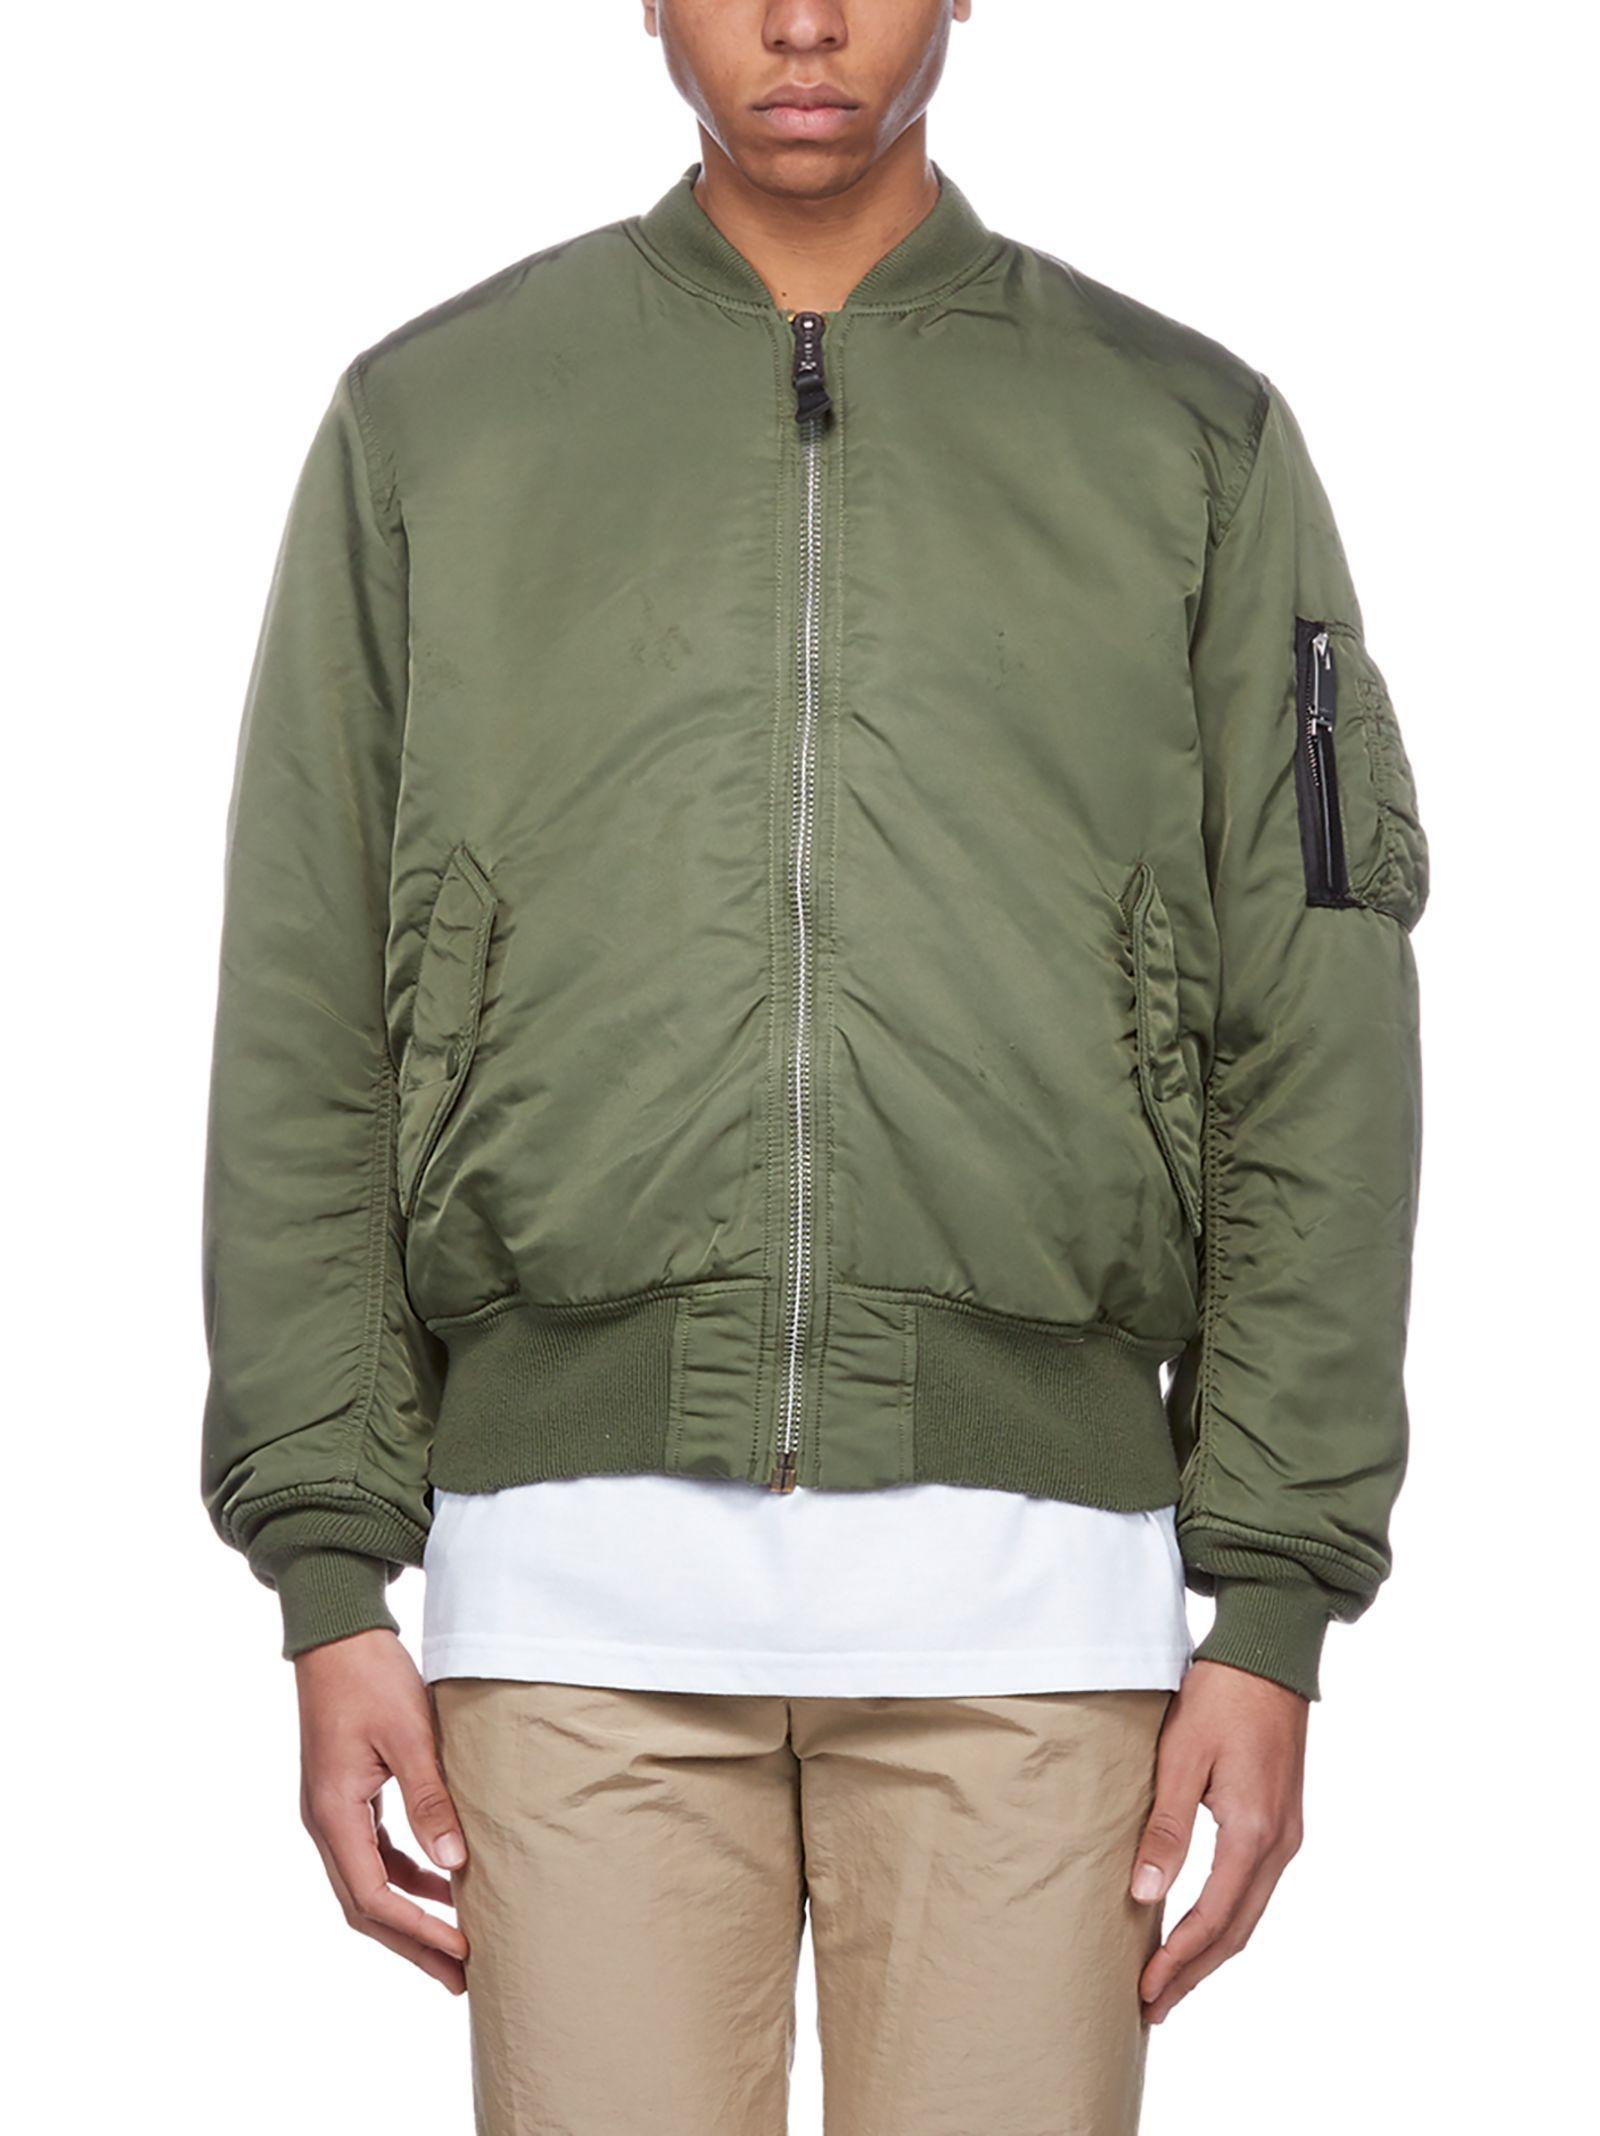 Alyx Logo Bomber Jacket Alyx Cloth Jackets Bomber Jacket Green Logo [ 2136 x 1600 Pixel ]